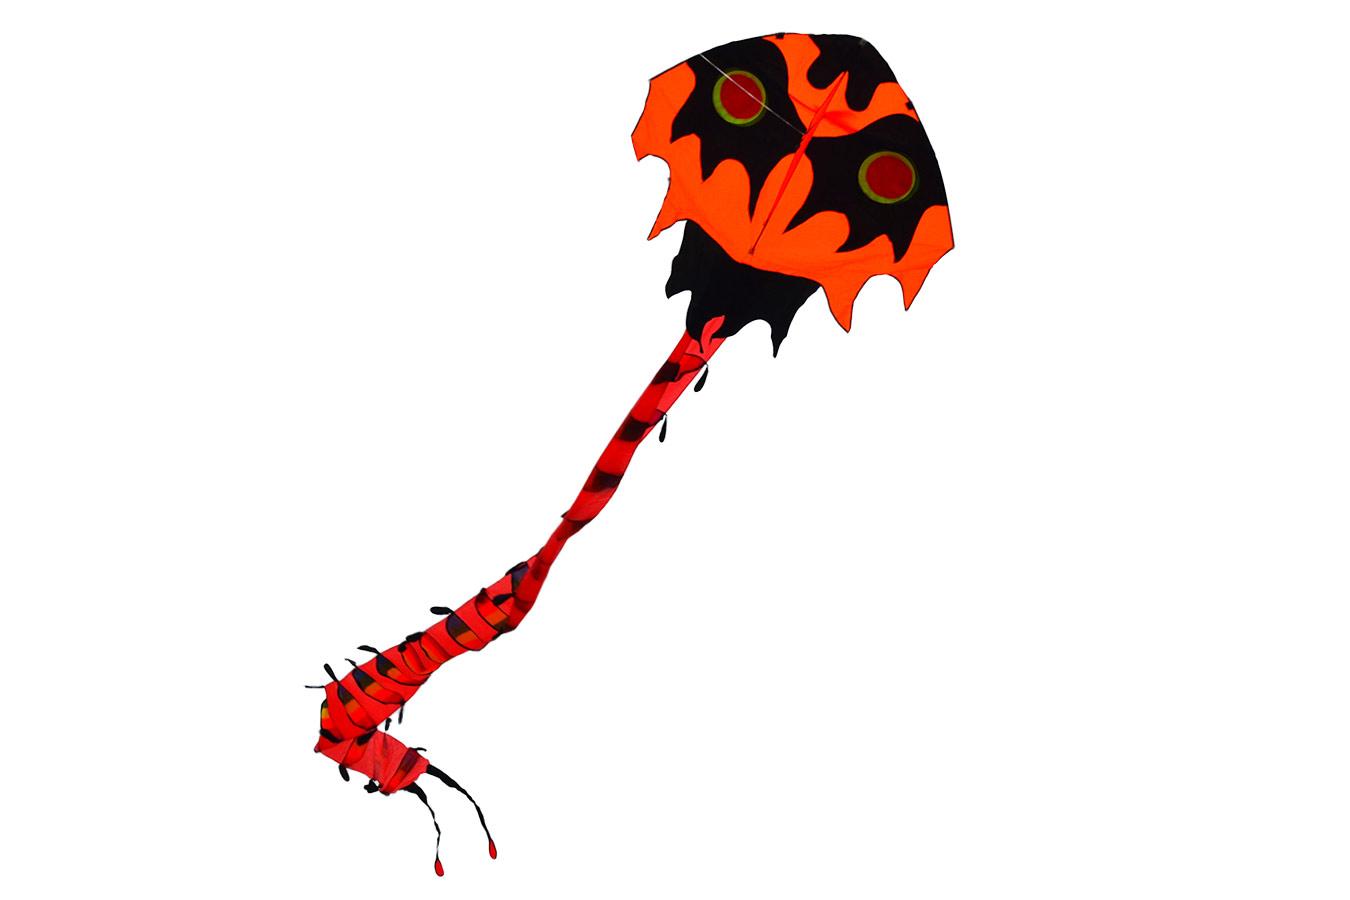 Большая Сороконожка, воздушный змей 10 метров [ZBEG]